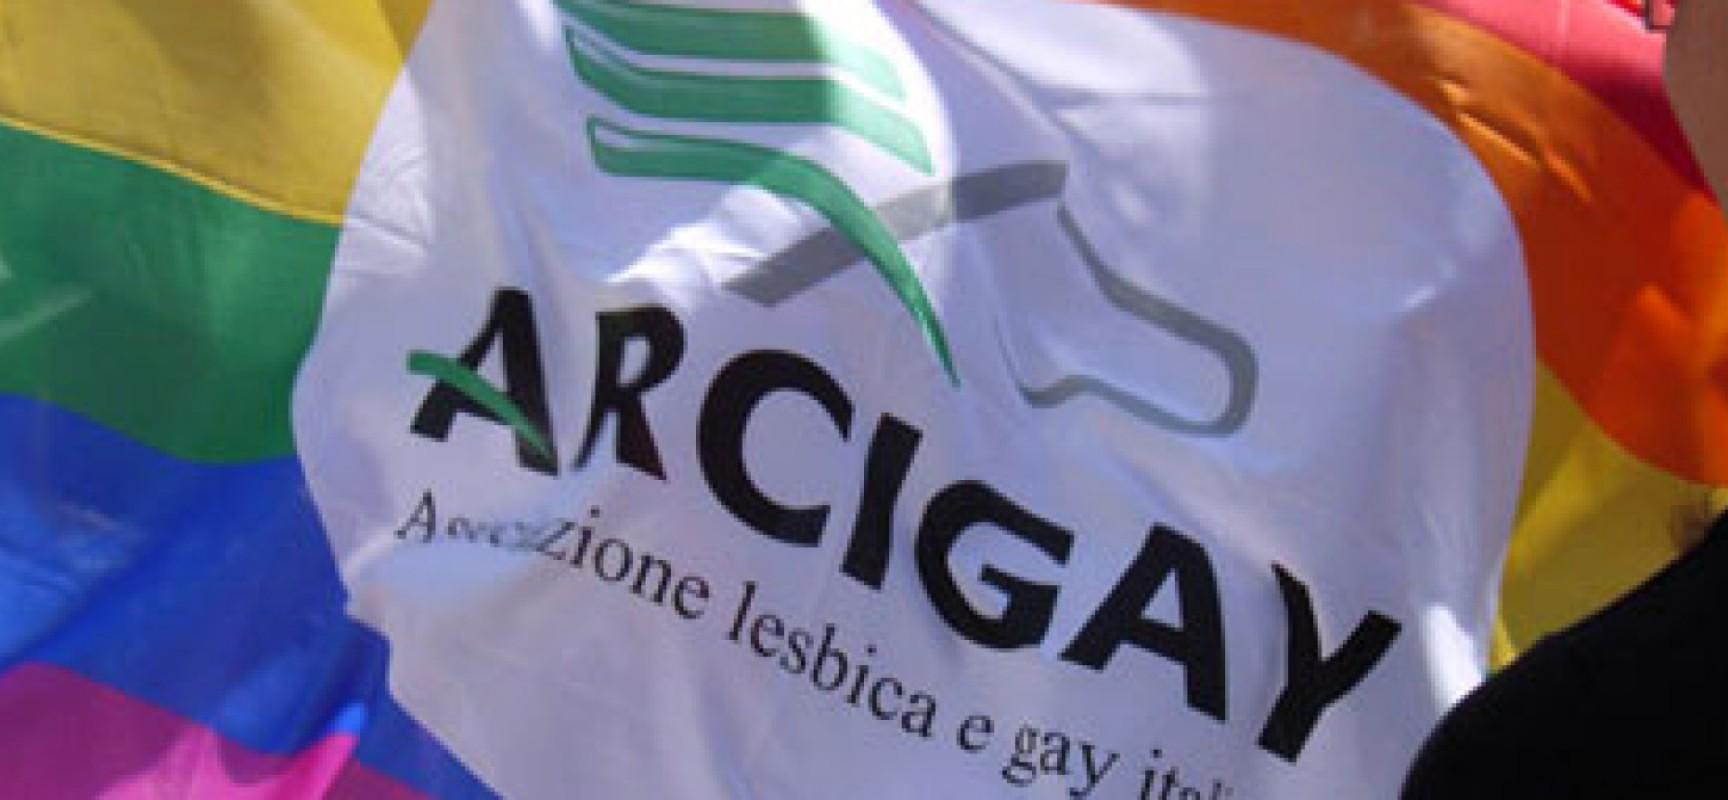 Il presidente Gallo chiarisce la posizione di Arcigay Bat sulla vicenda del presunto prete gay